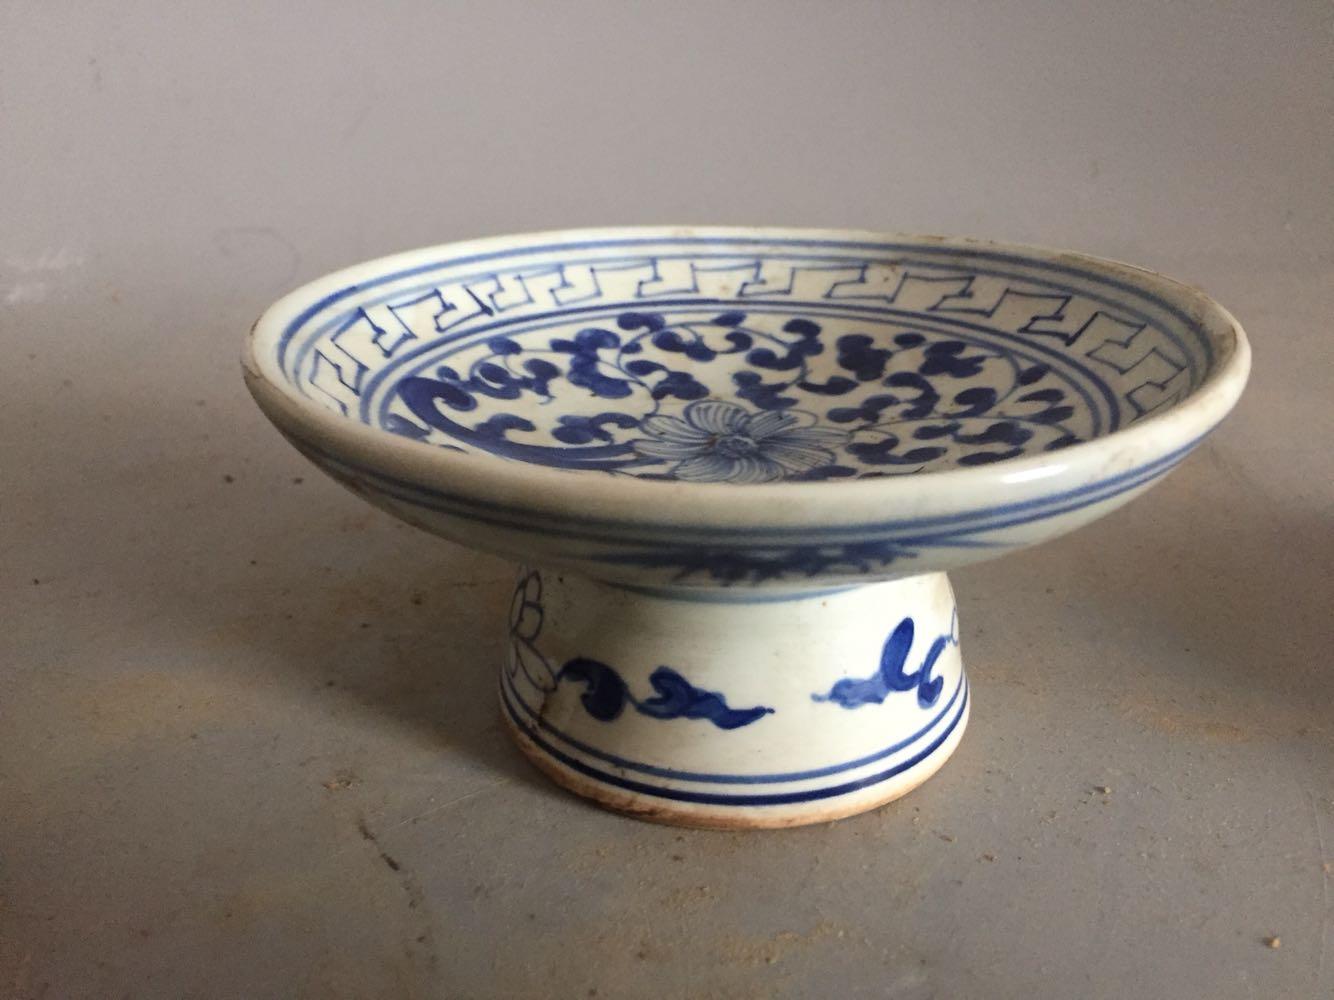 清代时期果盘古董瓷器古玩老货老瓷器高仿旧货收藏农村古瓷